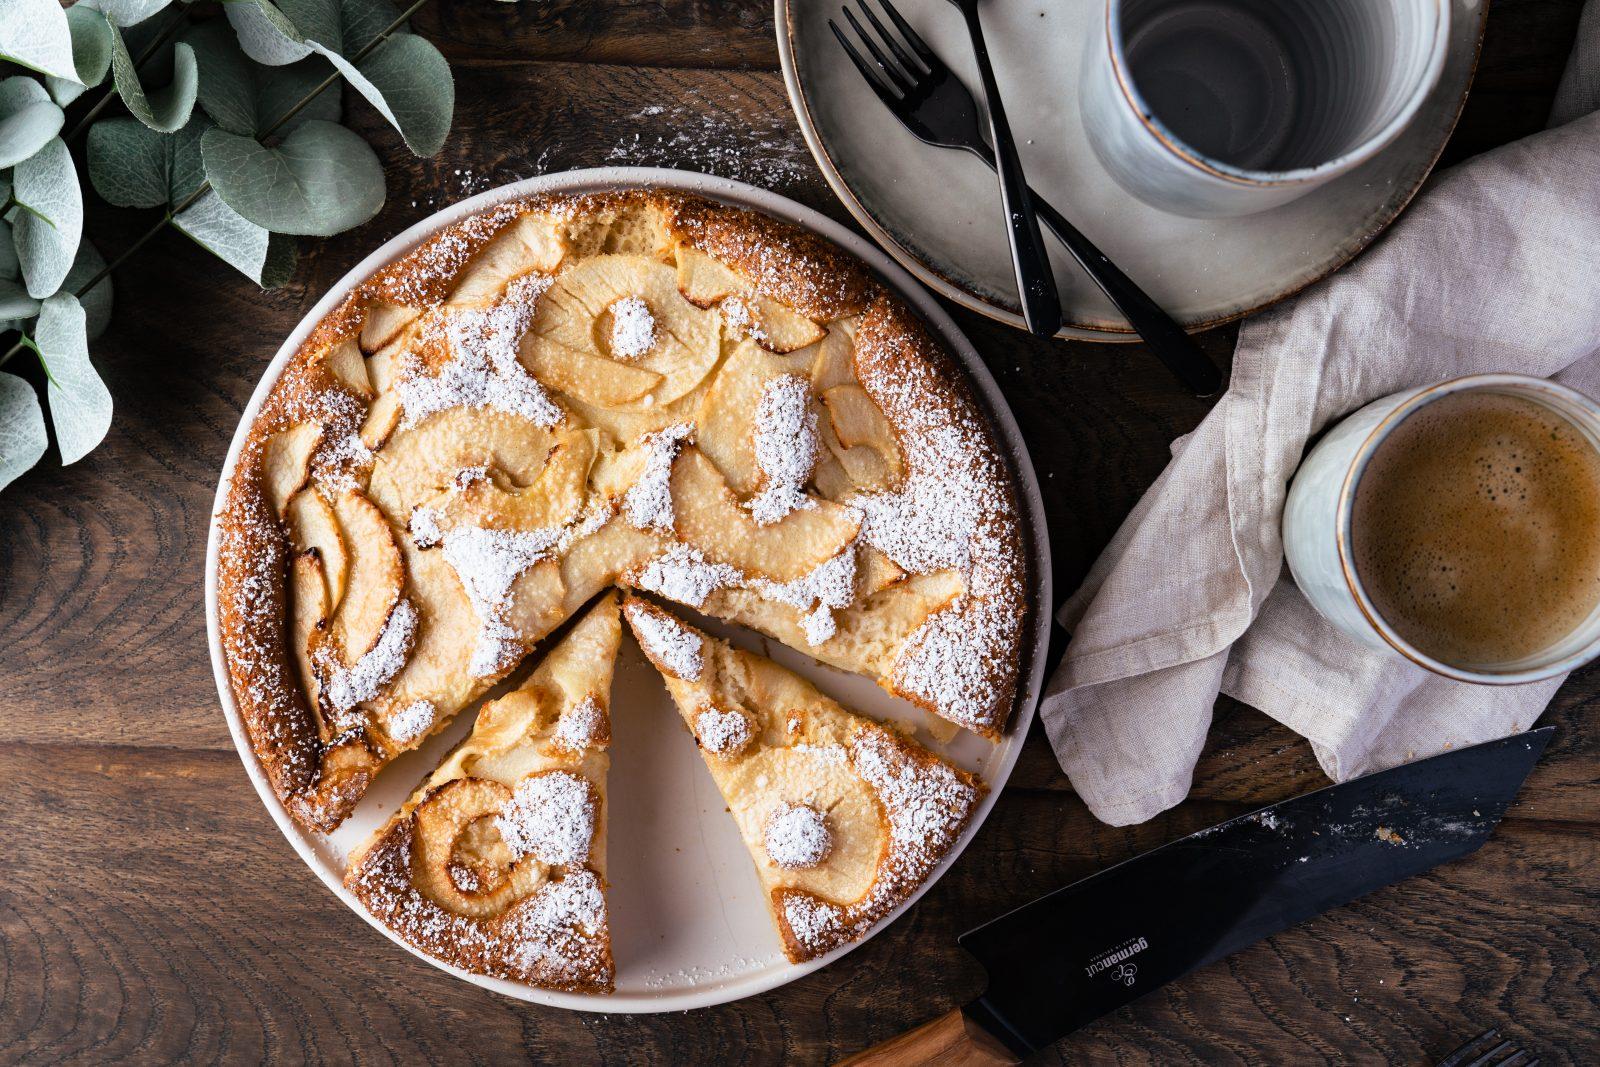 """C2622BF2 695E 41A0 9131 C362B3F374DF   Es ist Herbst und es ist Apfelsaison! Und wie könnte man das besser feiern, als mit einem fluffigen, zuckerarmen Apfelkuchen?! Hier ist unser Rezept für den perfekten Herbstkuchen - unser fluffigster Apfelkuchen. Ihr werdet nicht glauben, dass dies ein Rezept ist, das ohne Butter, mit wenig Zucker, dafür aber mit viel Geschmack und Liebe gebacken ist und """"trotzdem"""" so gut schmeckt. Vielleicht ist er sogar """"gesünder"""" als die meisten anderen Kuchen, die wir bisher gebacken haben. Auf jeden Fall ist er aber super fluffig und woran das liegt, das erzählen wir euch."""